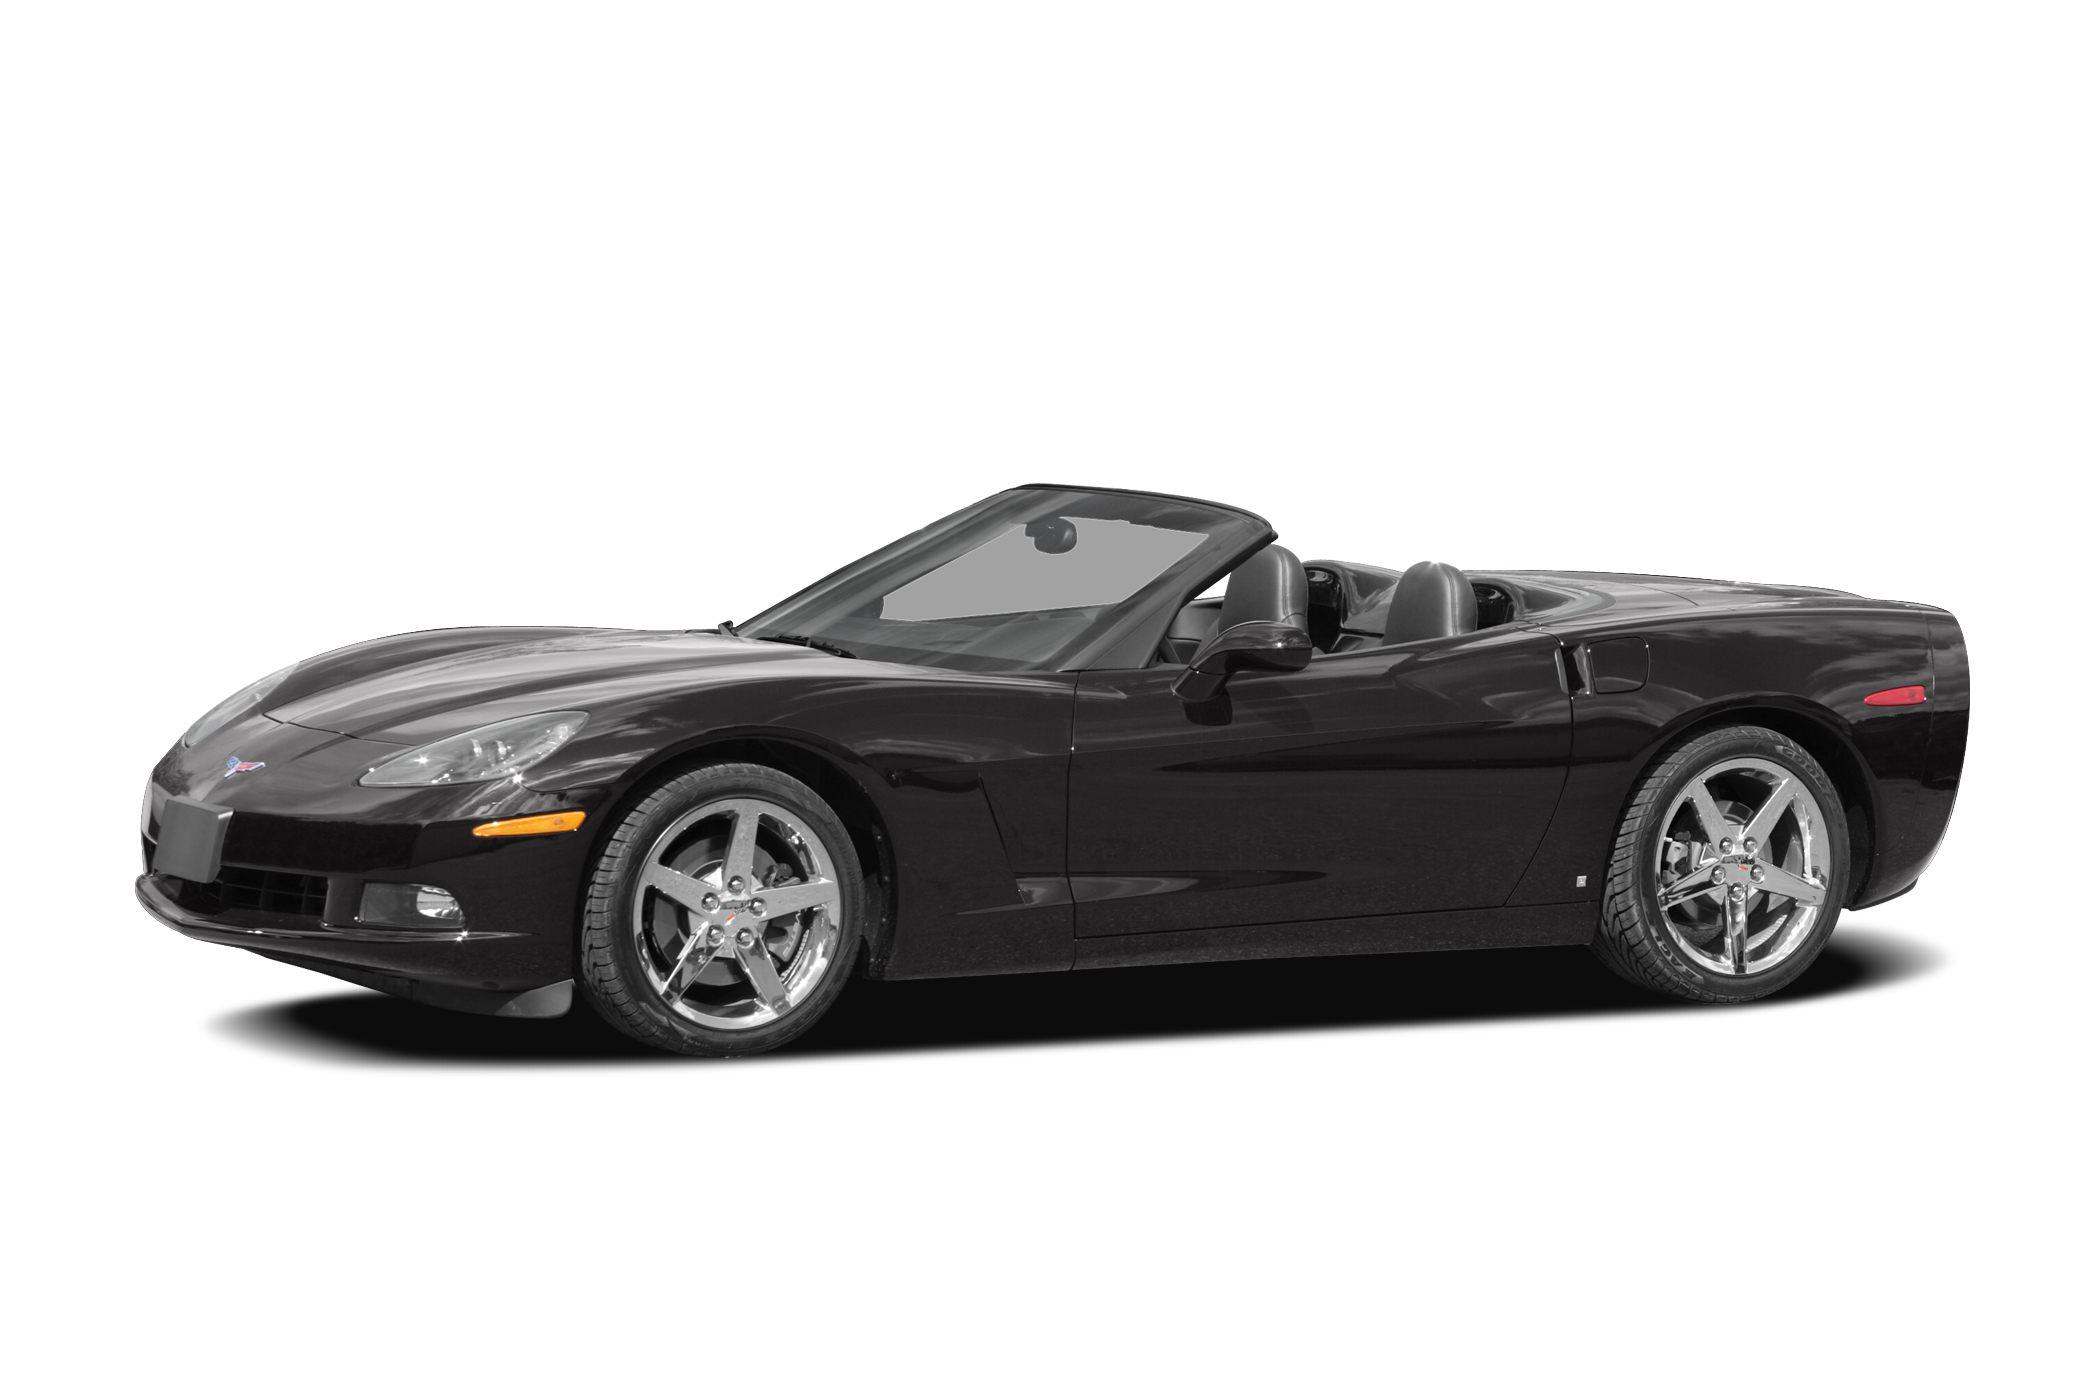 2007 Chevrolet Corvette Information